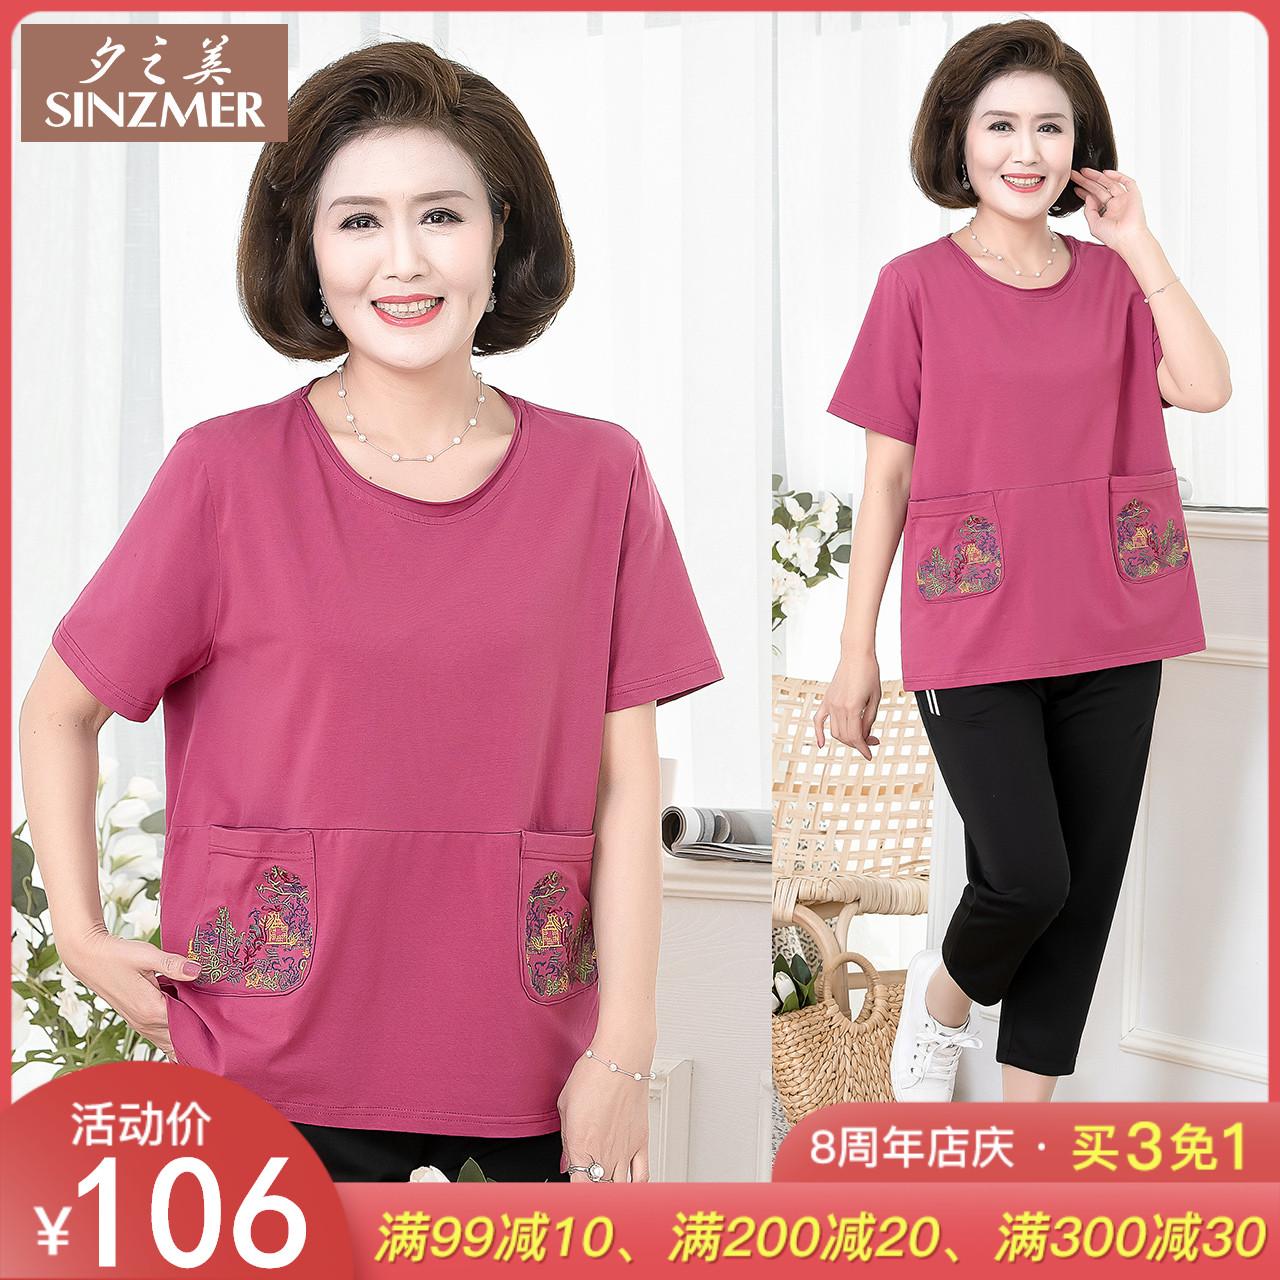 中年妈妈装夏季运动服套装胖中老年人女宽松遮肚上衣大码短袖T恤